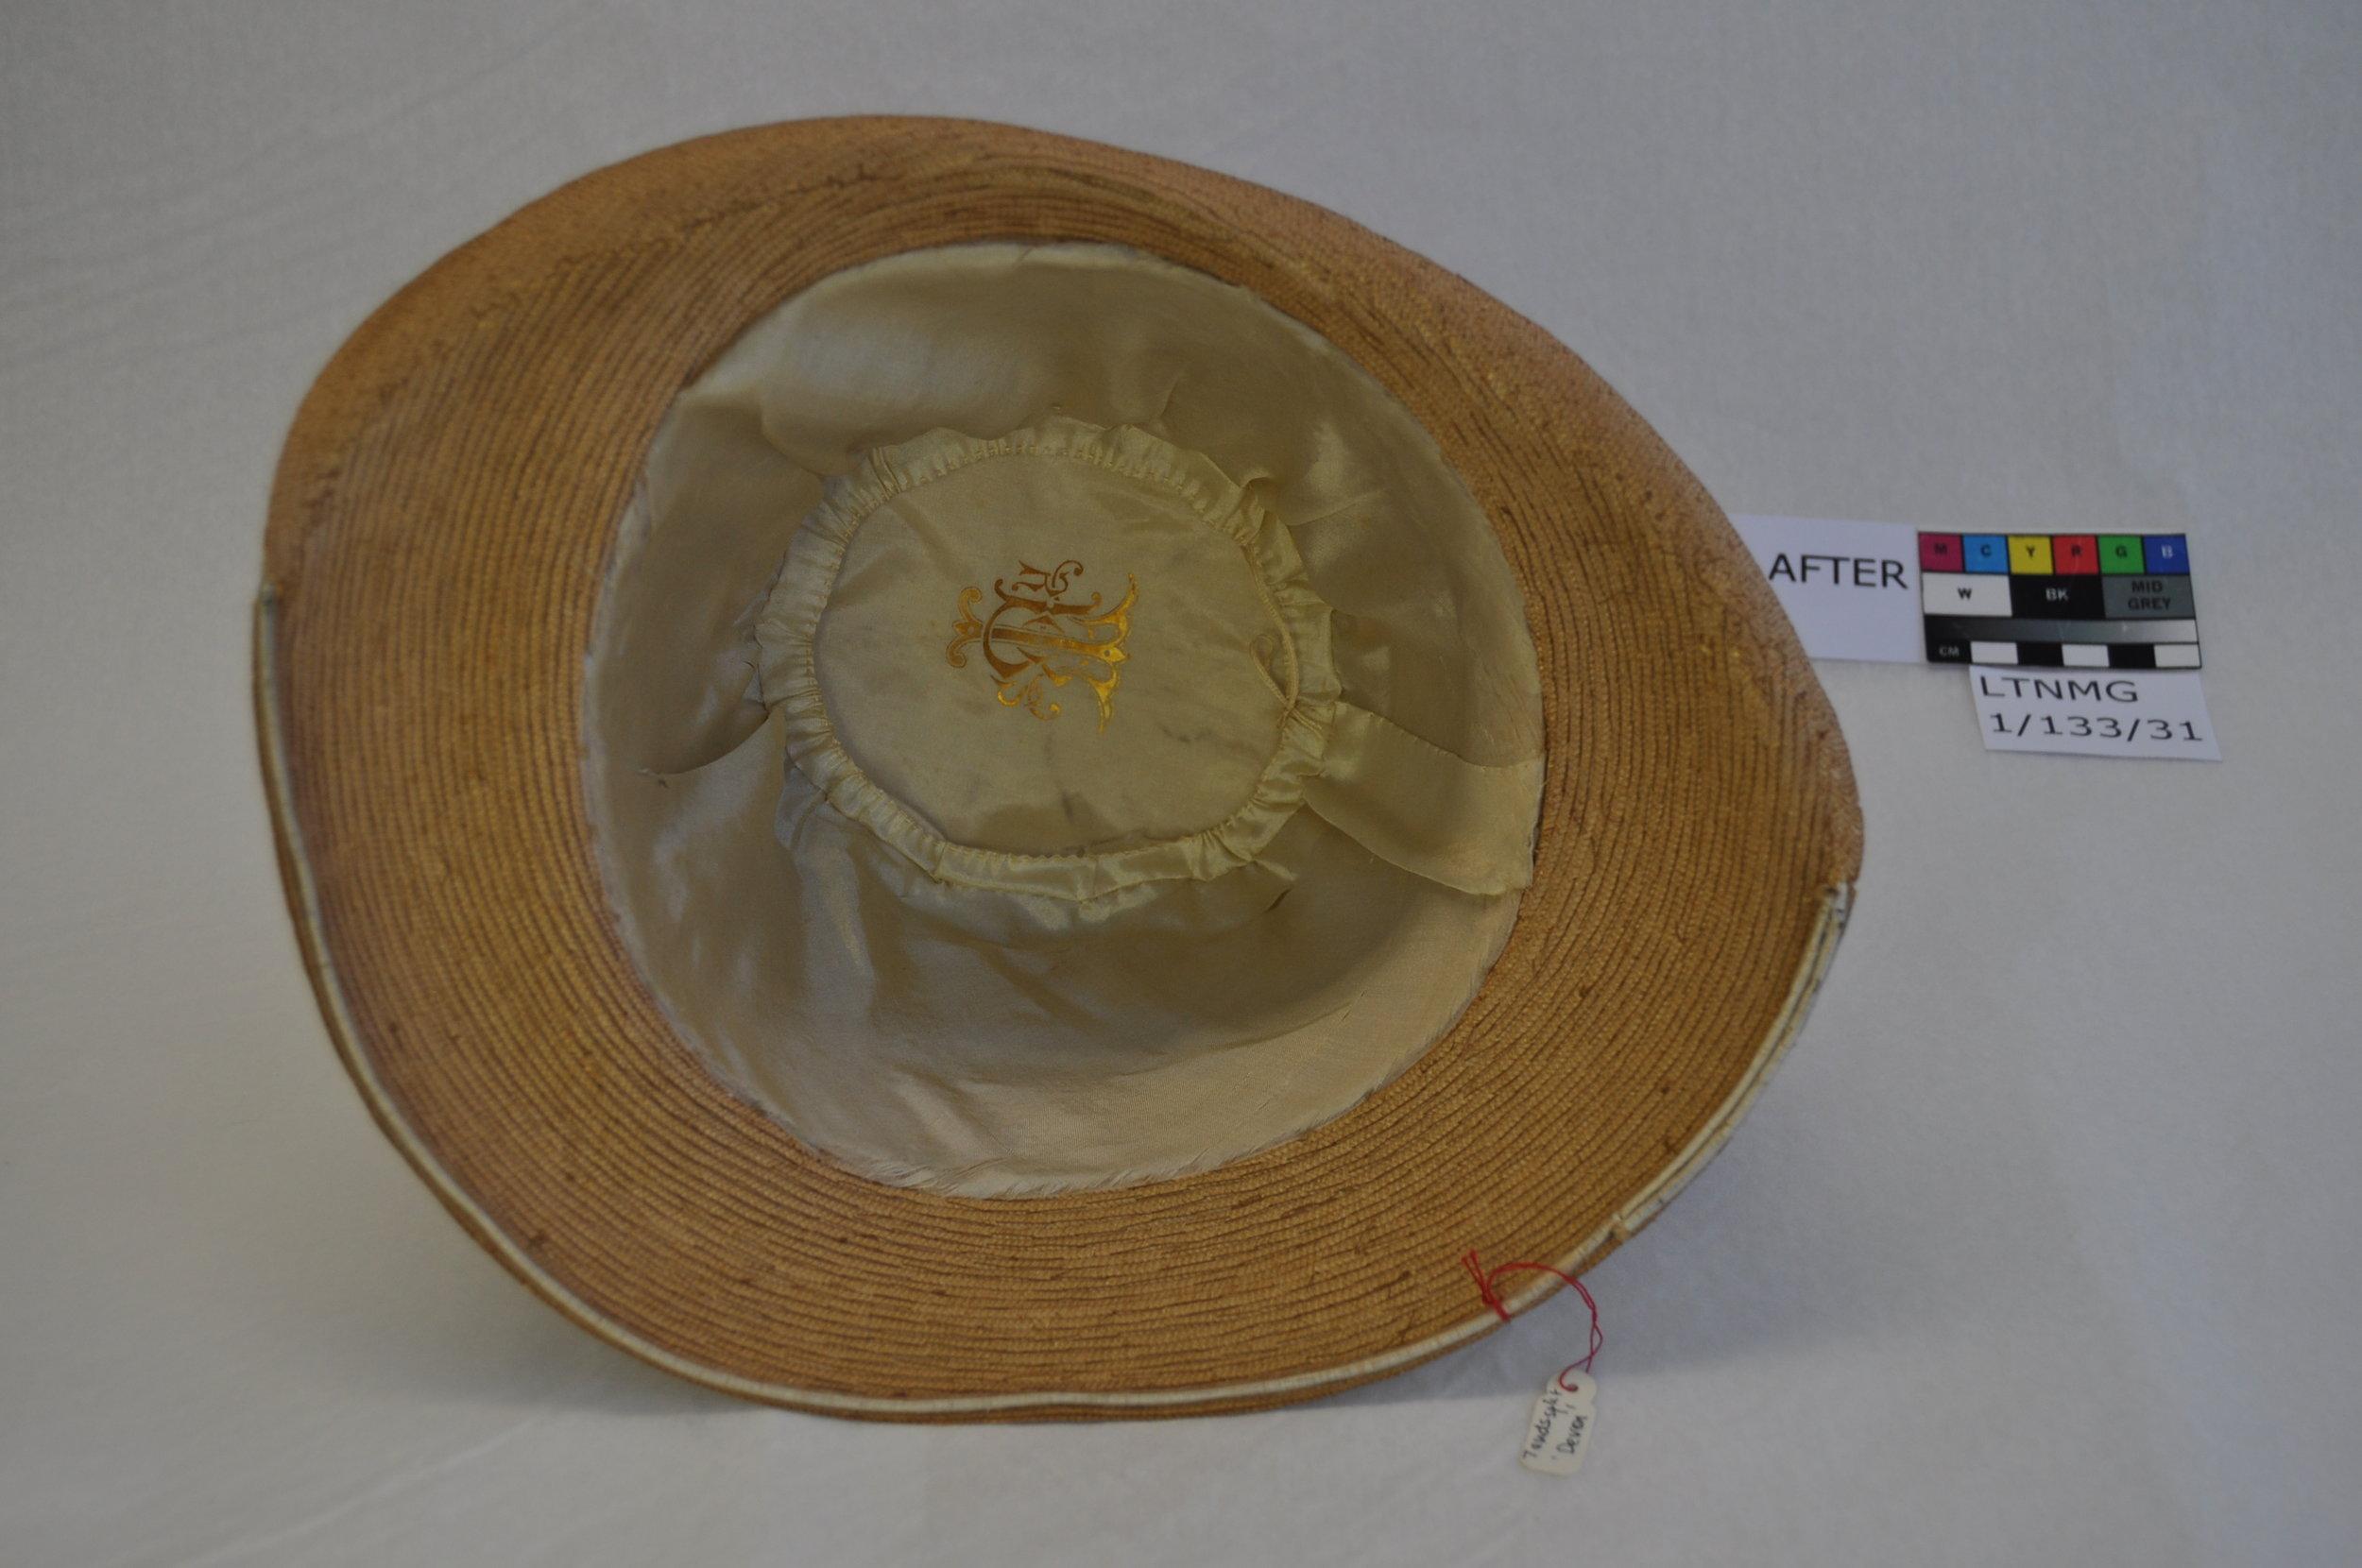 Hat LTNMG 1/133/31, after cconservation